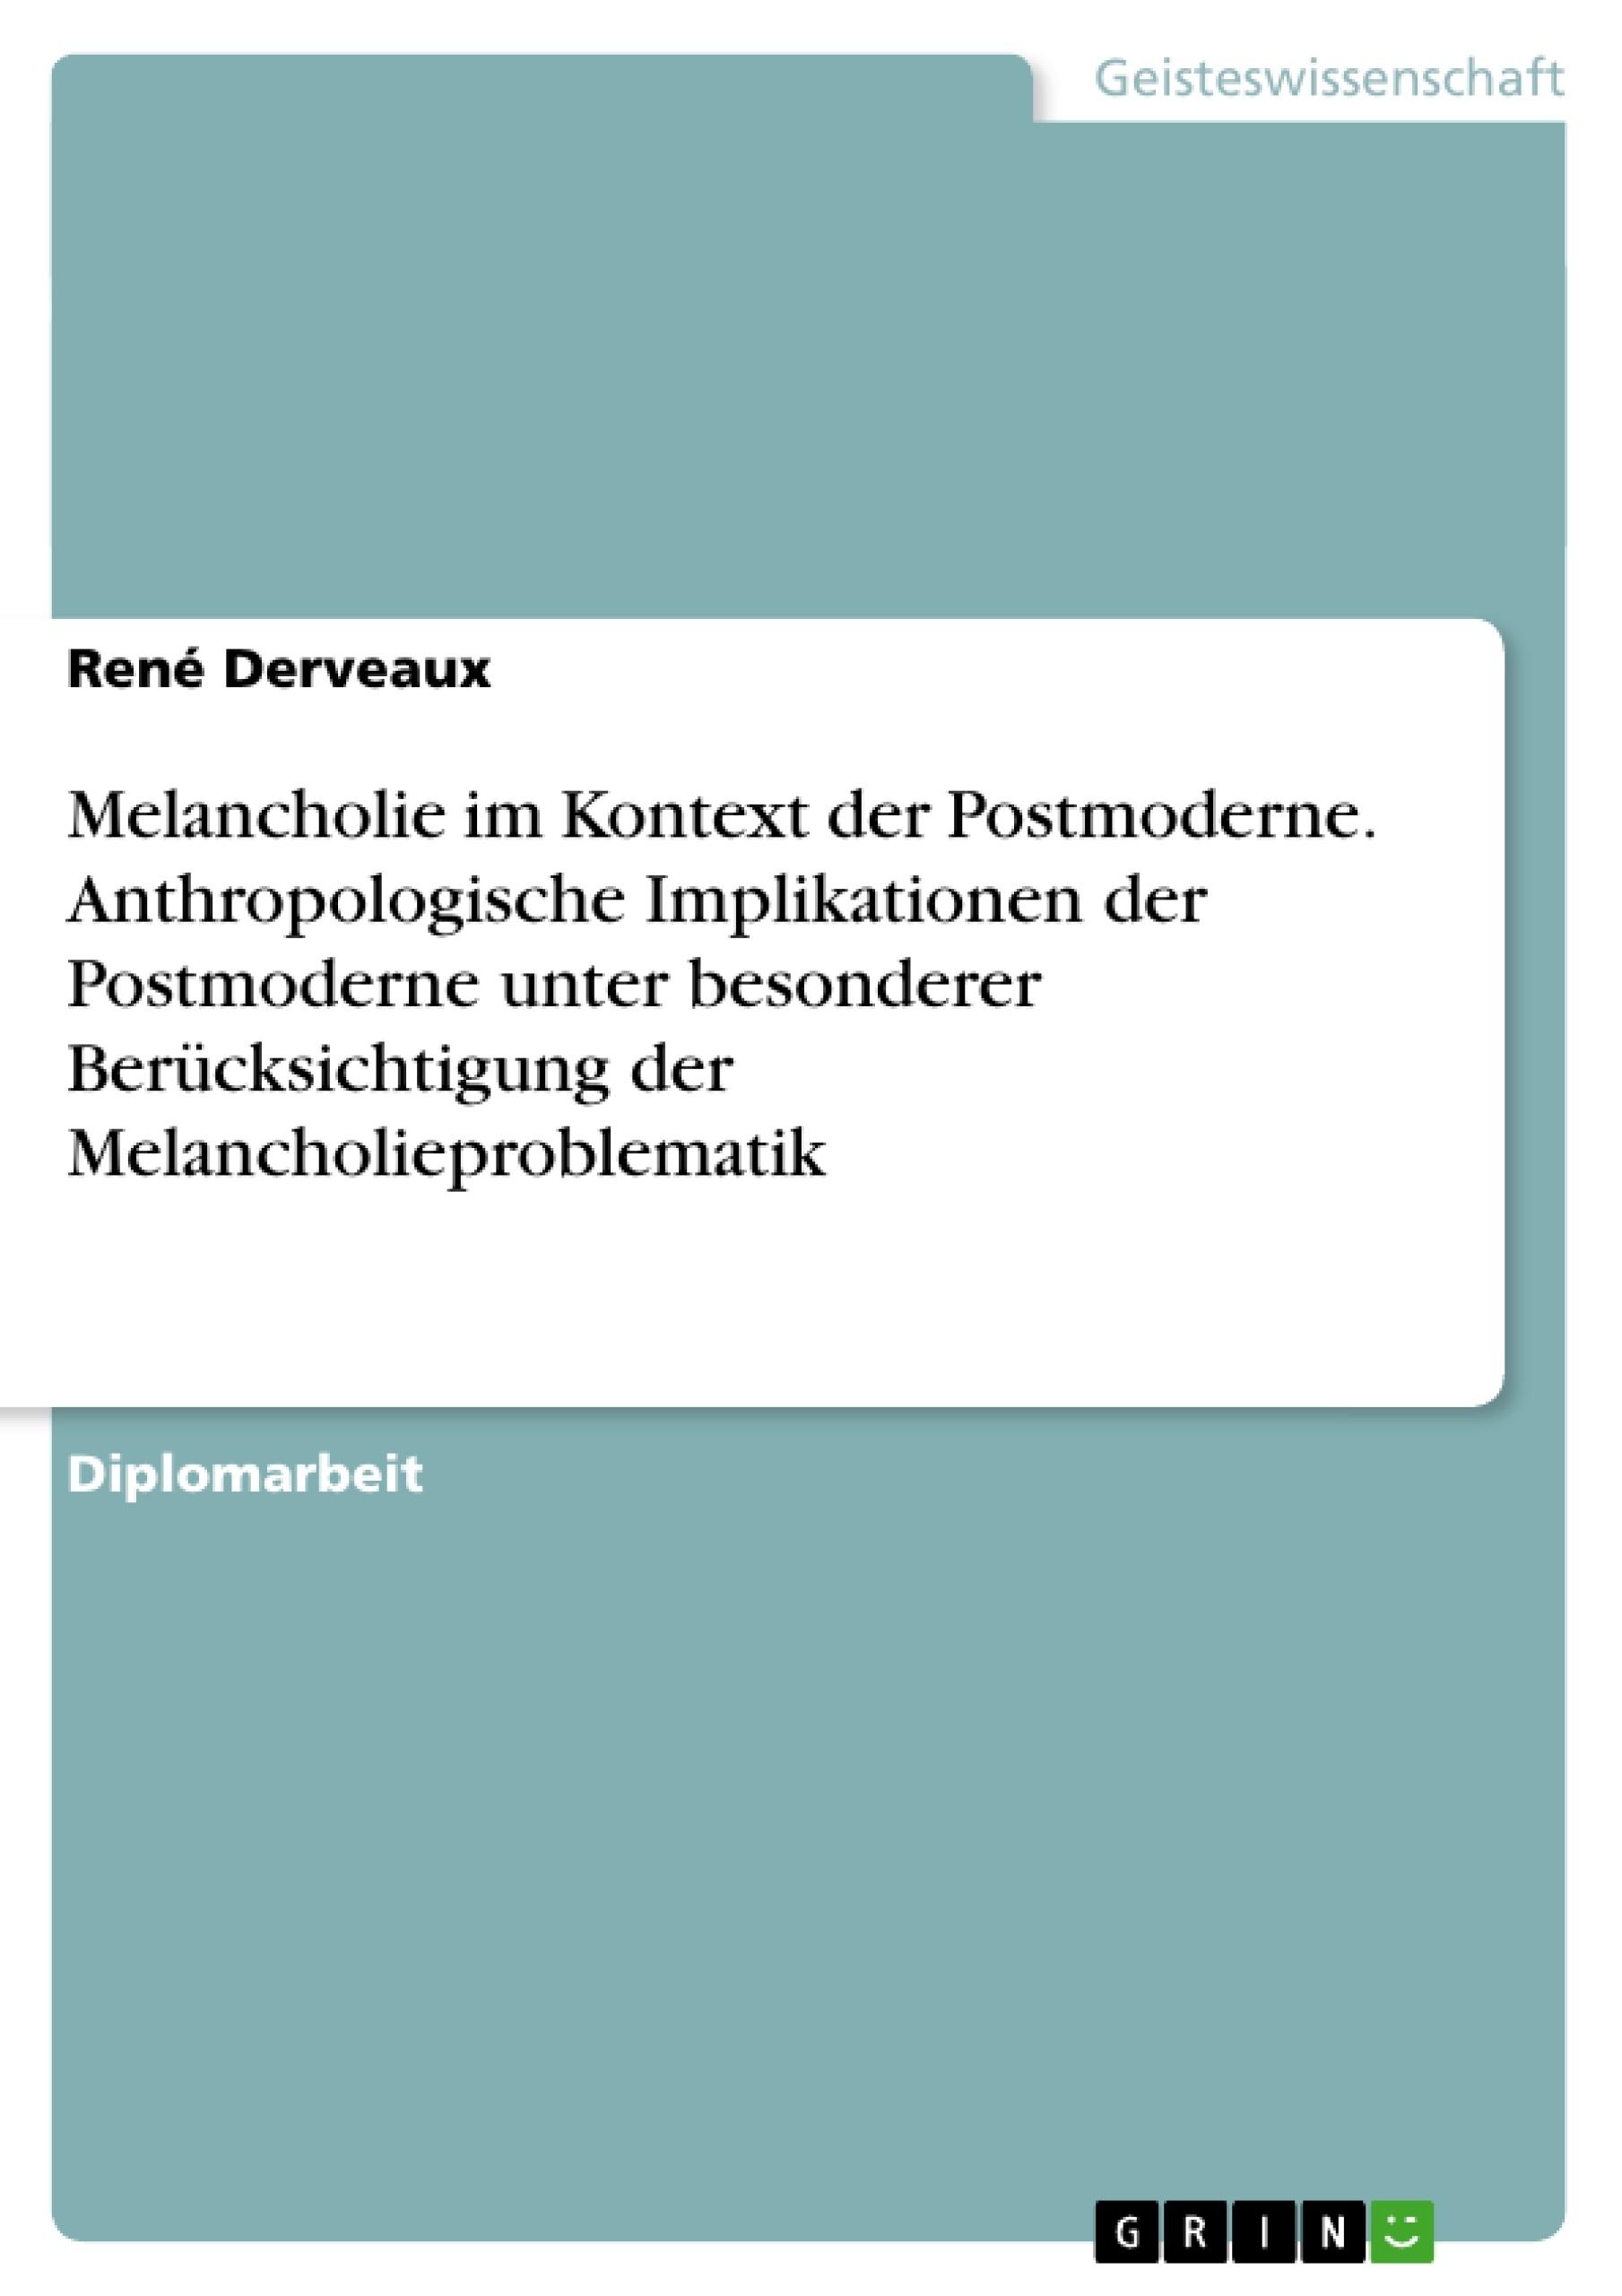 Titel: Melancholie im Kontext der Postmoderne. Anthropologische Implikationen der Postmoderne unter besonderer Berücksichtigung der Melancholieproblematik